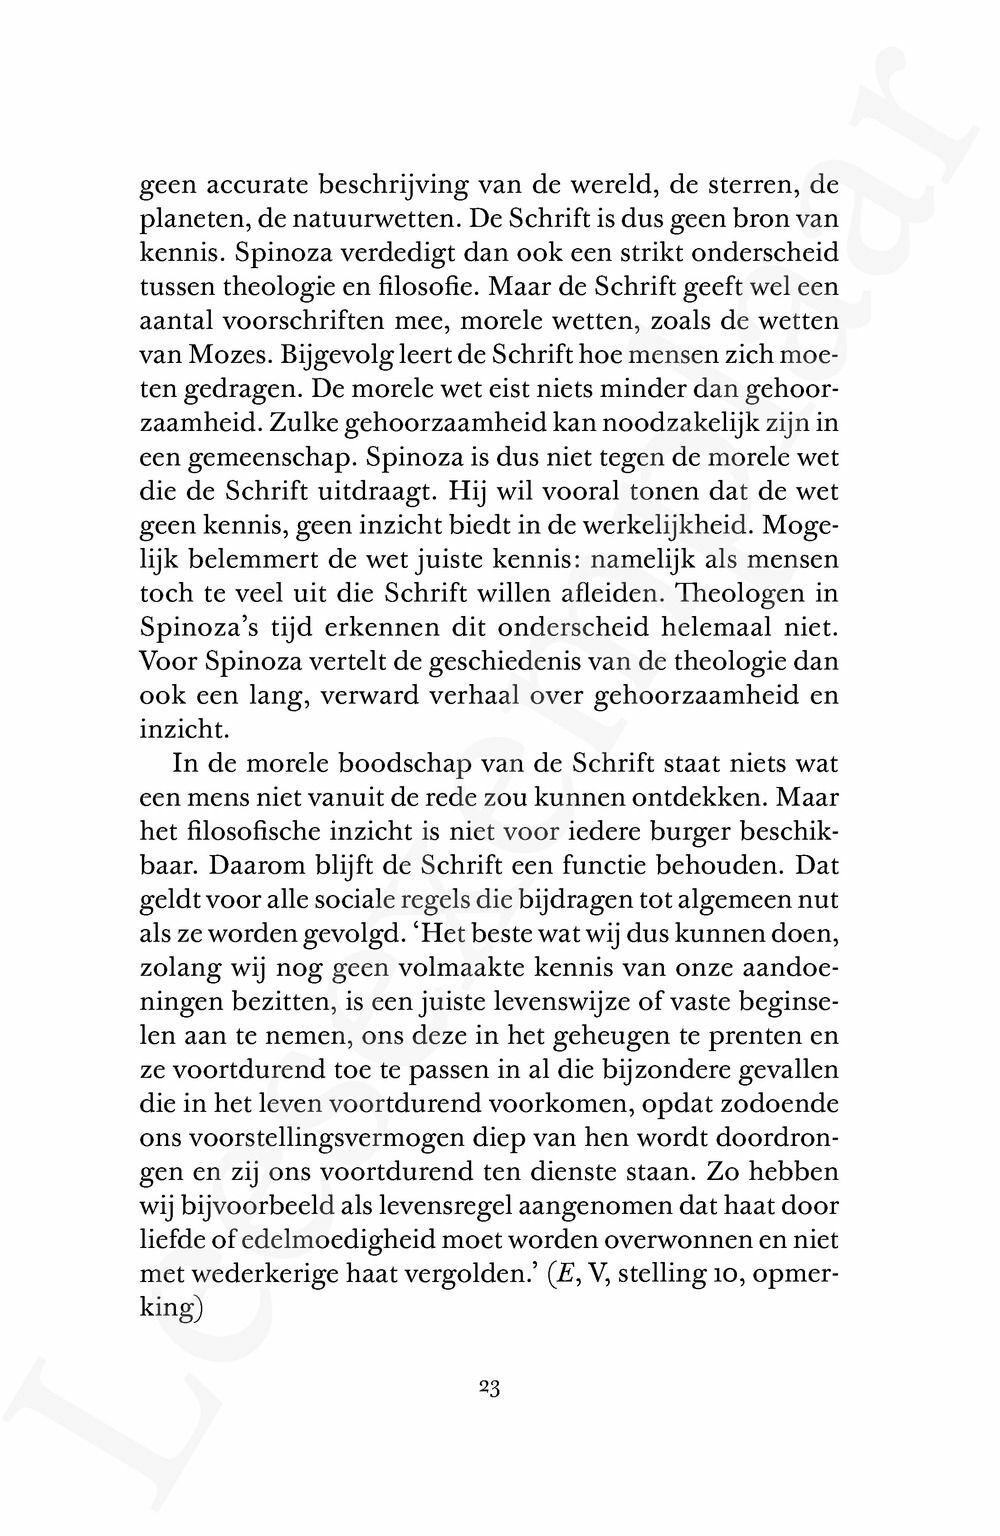 Preview: Door Spinoza's lens